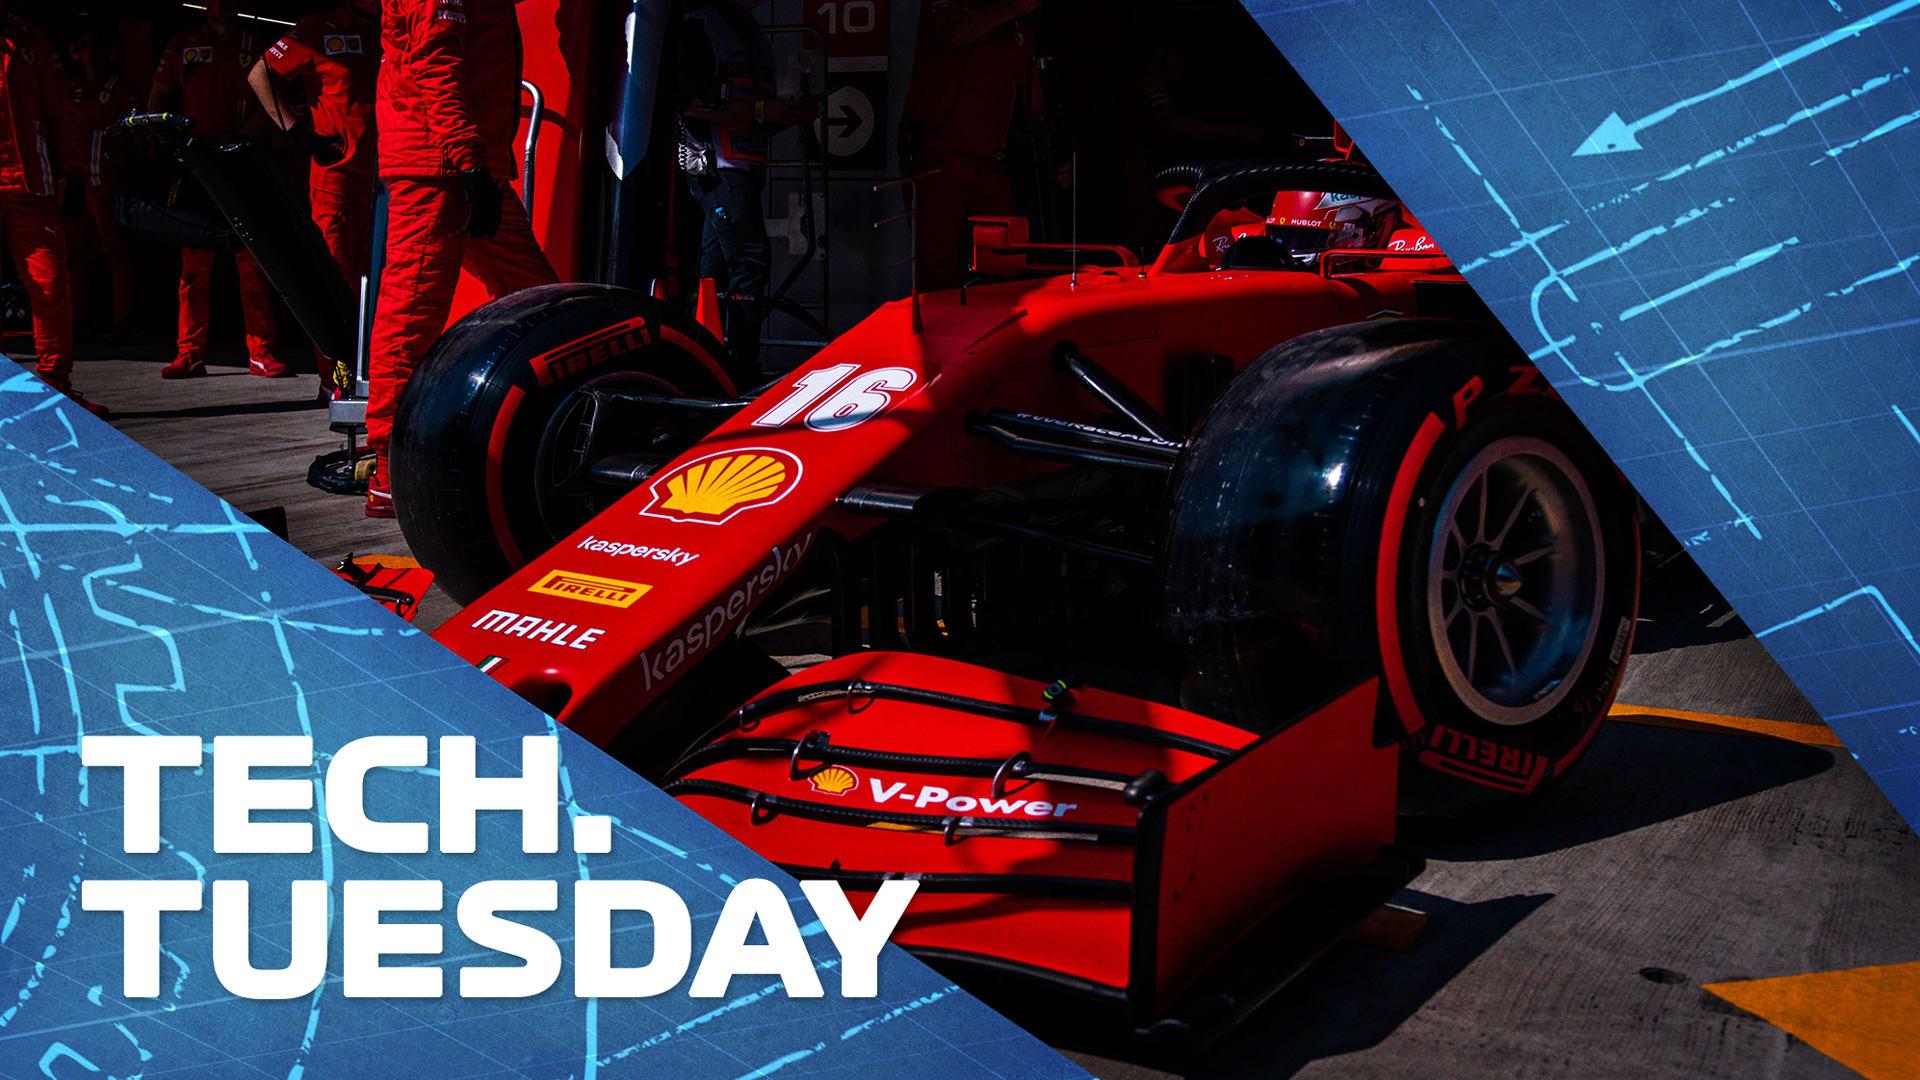 Tech Tuesday How Effective Were Ferrari S Russian Gp Updates Formula 1